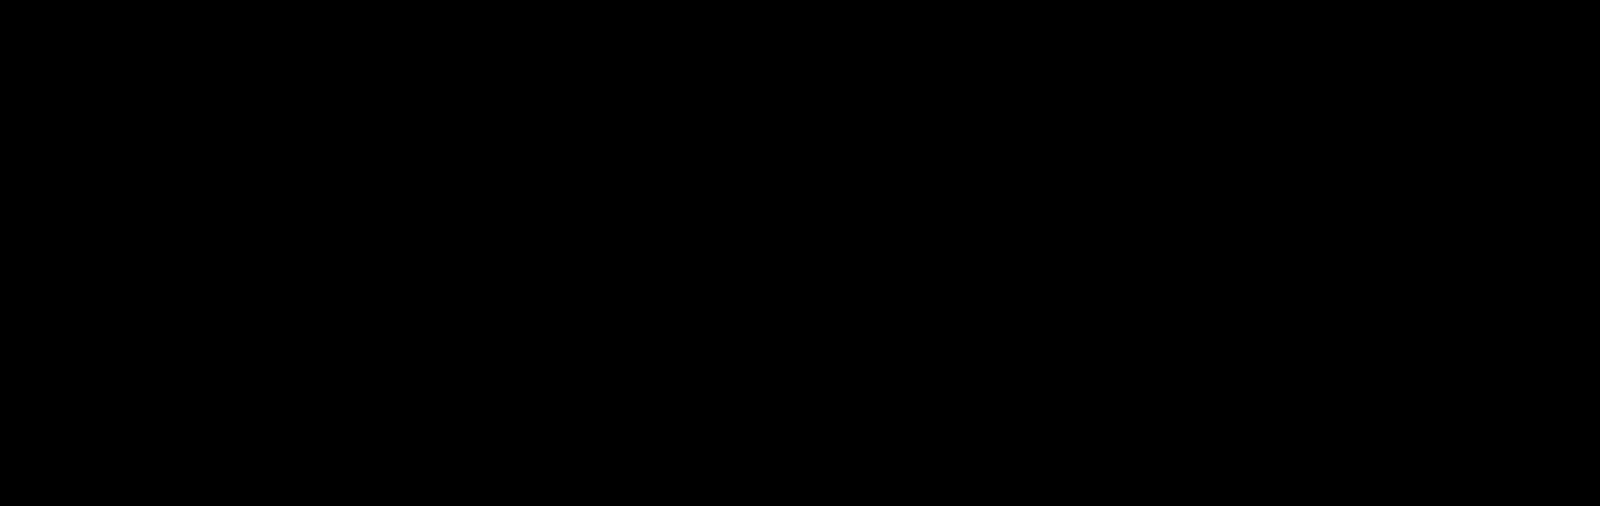 UZEGAN